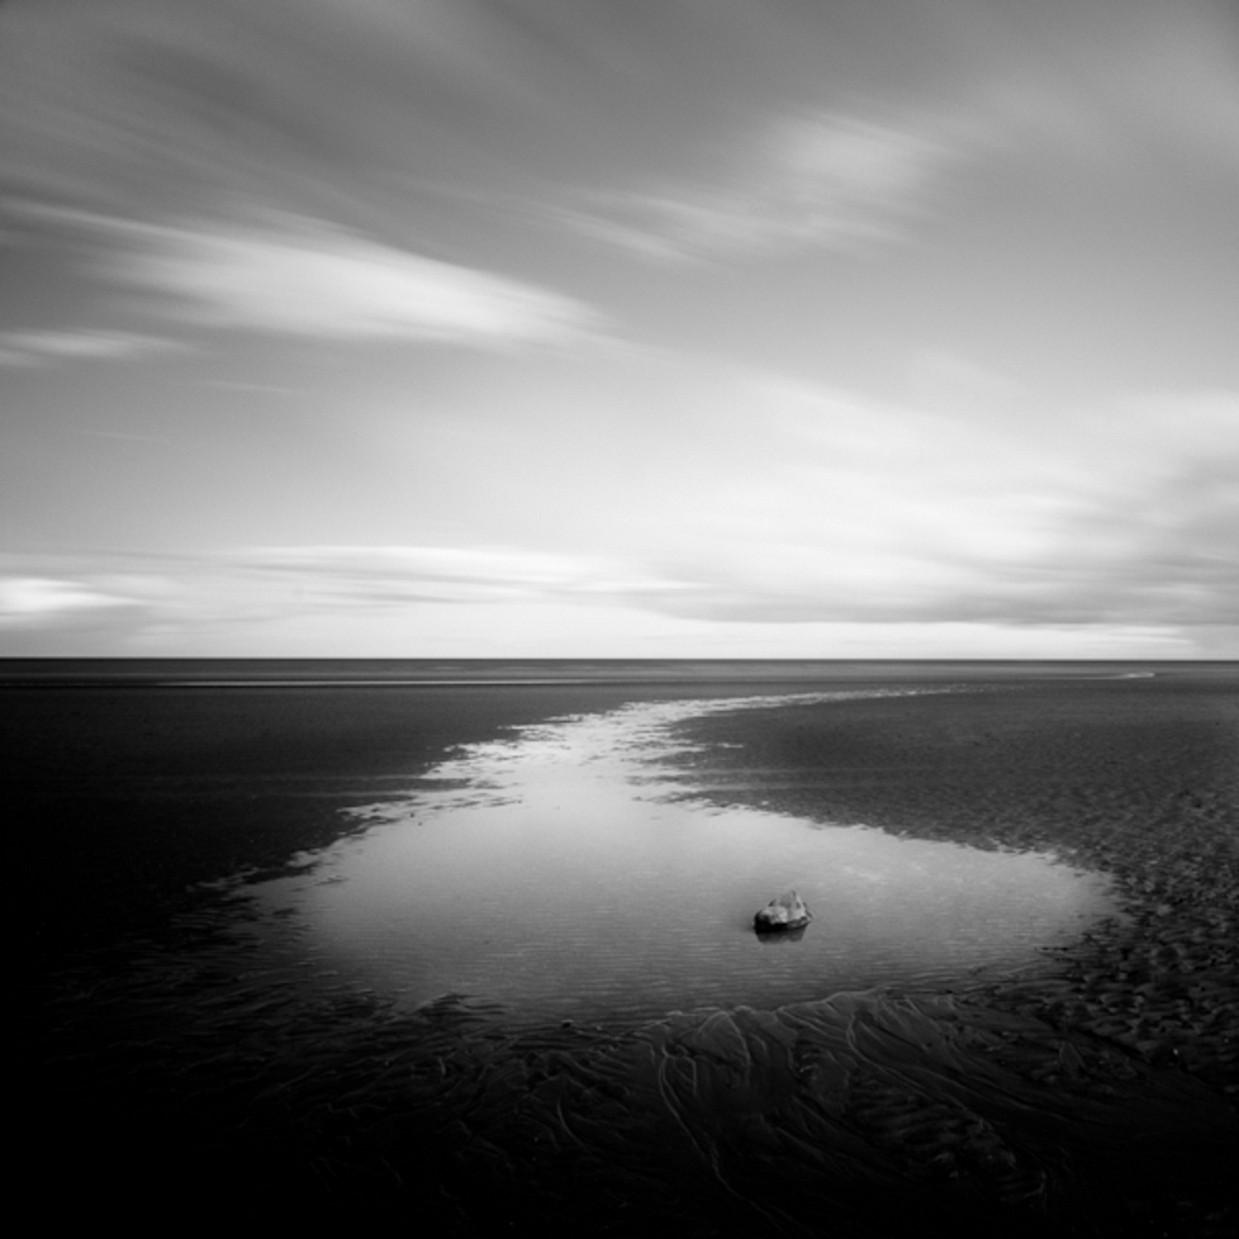 Безвременное искусство в пейзажной фотографии Золтана Бекефи